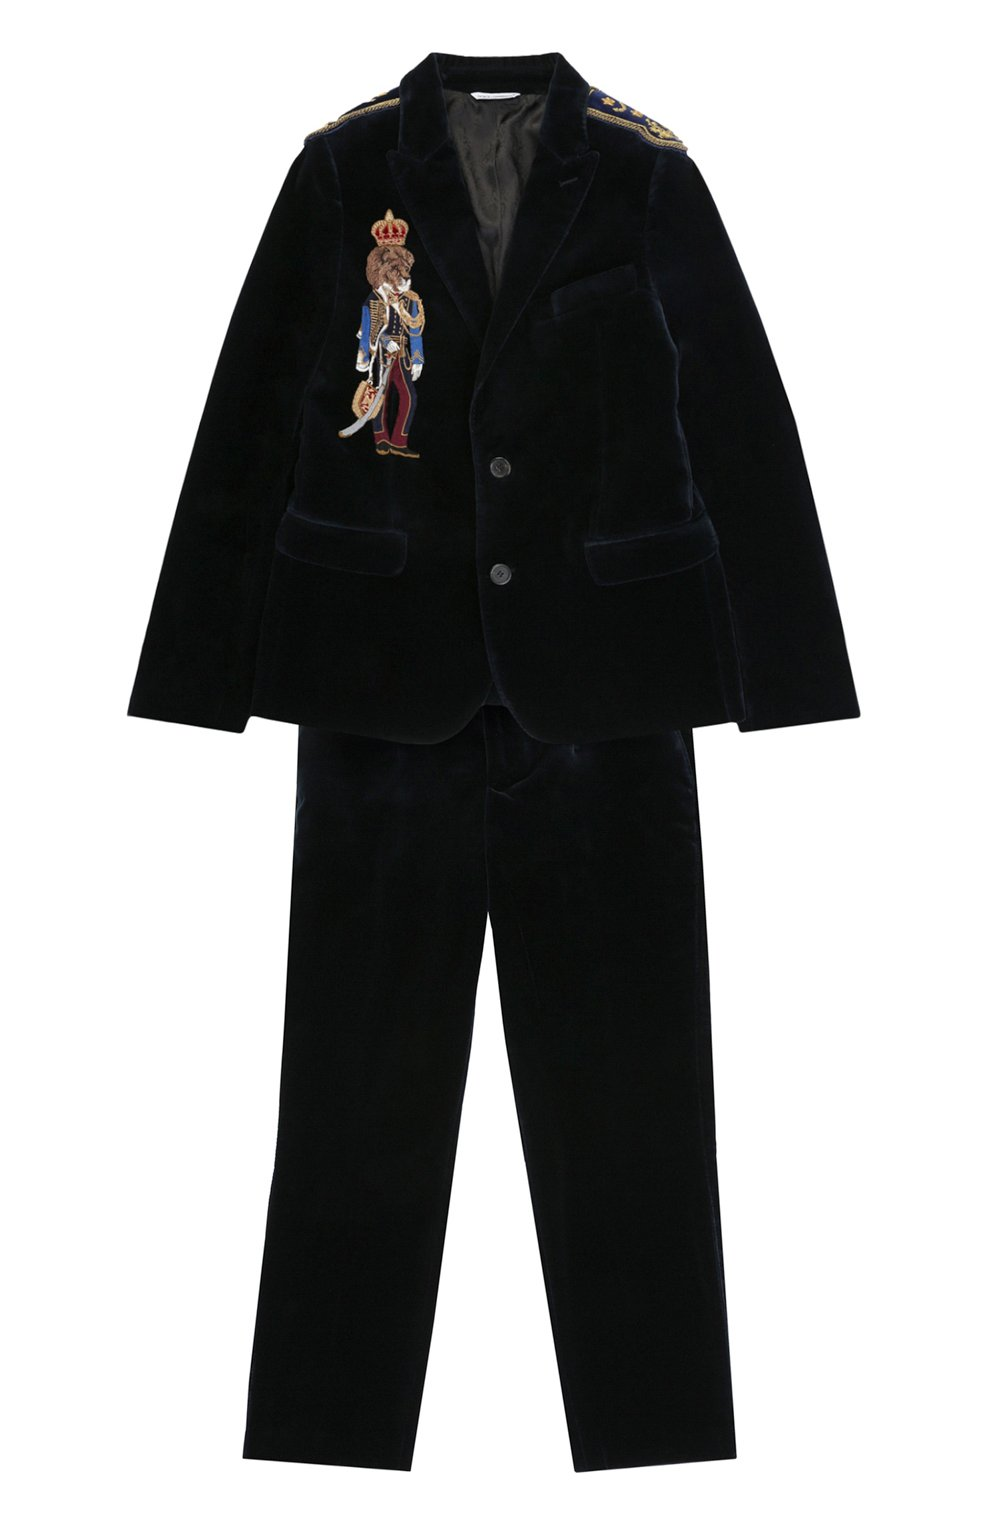 Хлопковый костюм с вышивкой и декором на плечах | Фото №1